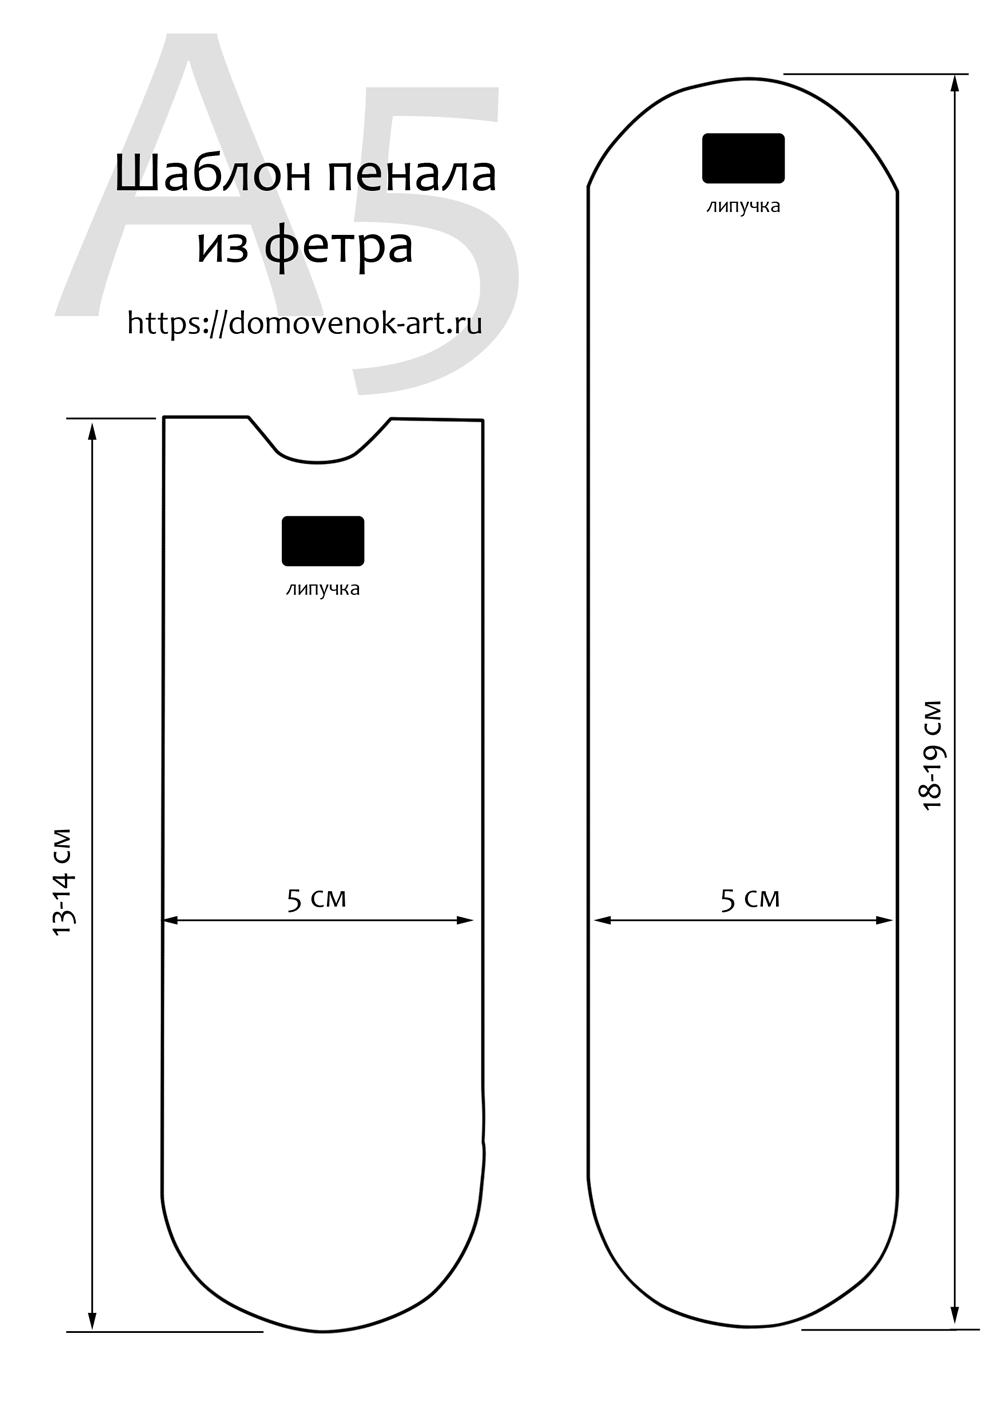 Шаблон или выкройка пенала из фетра